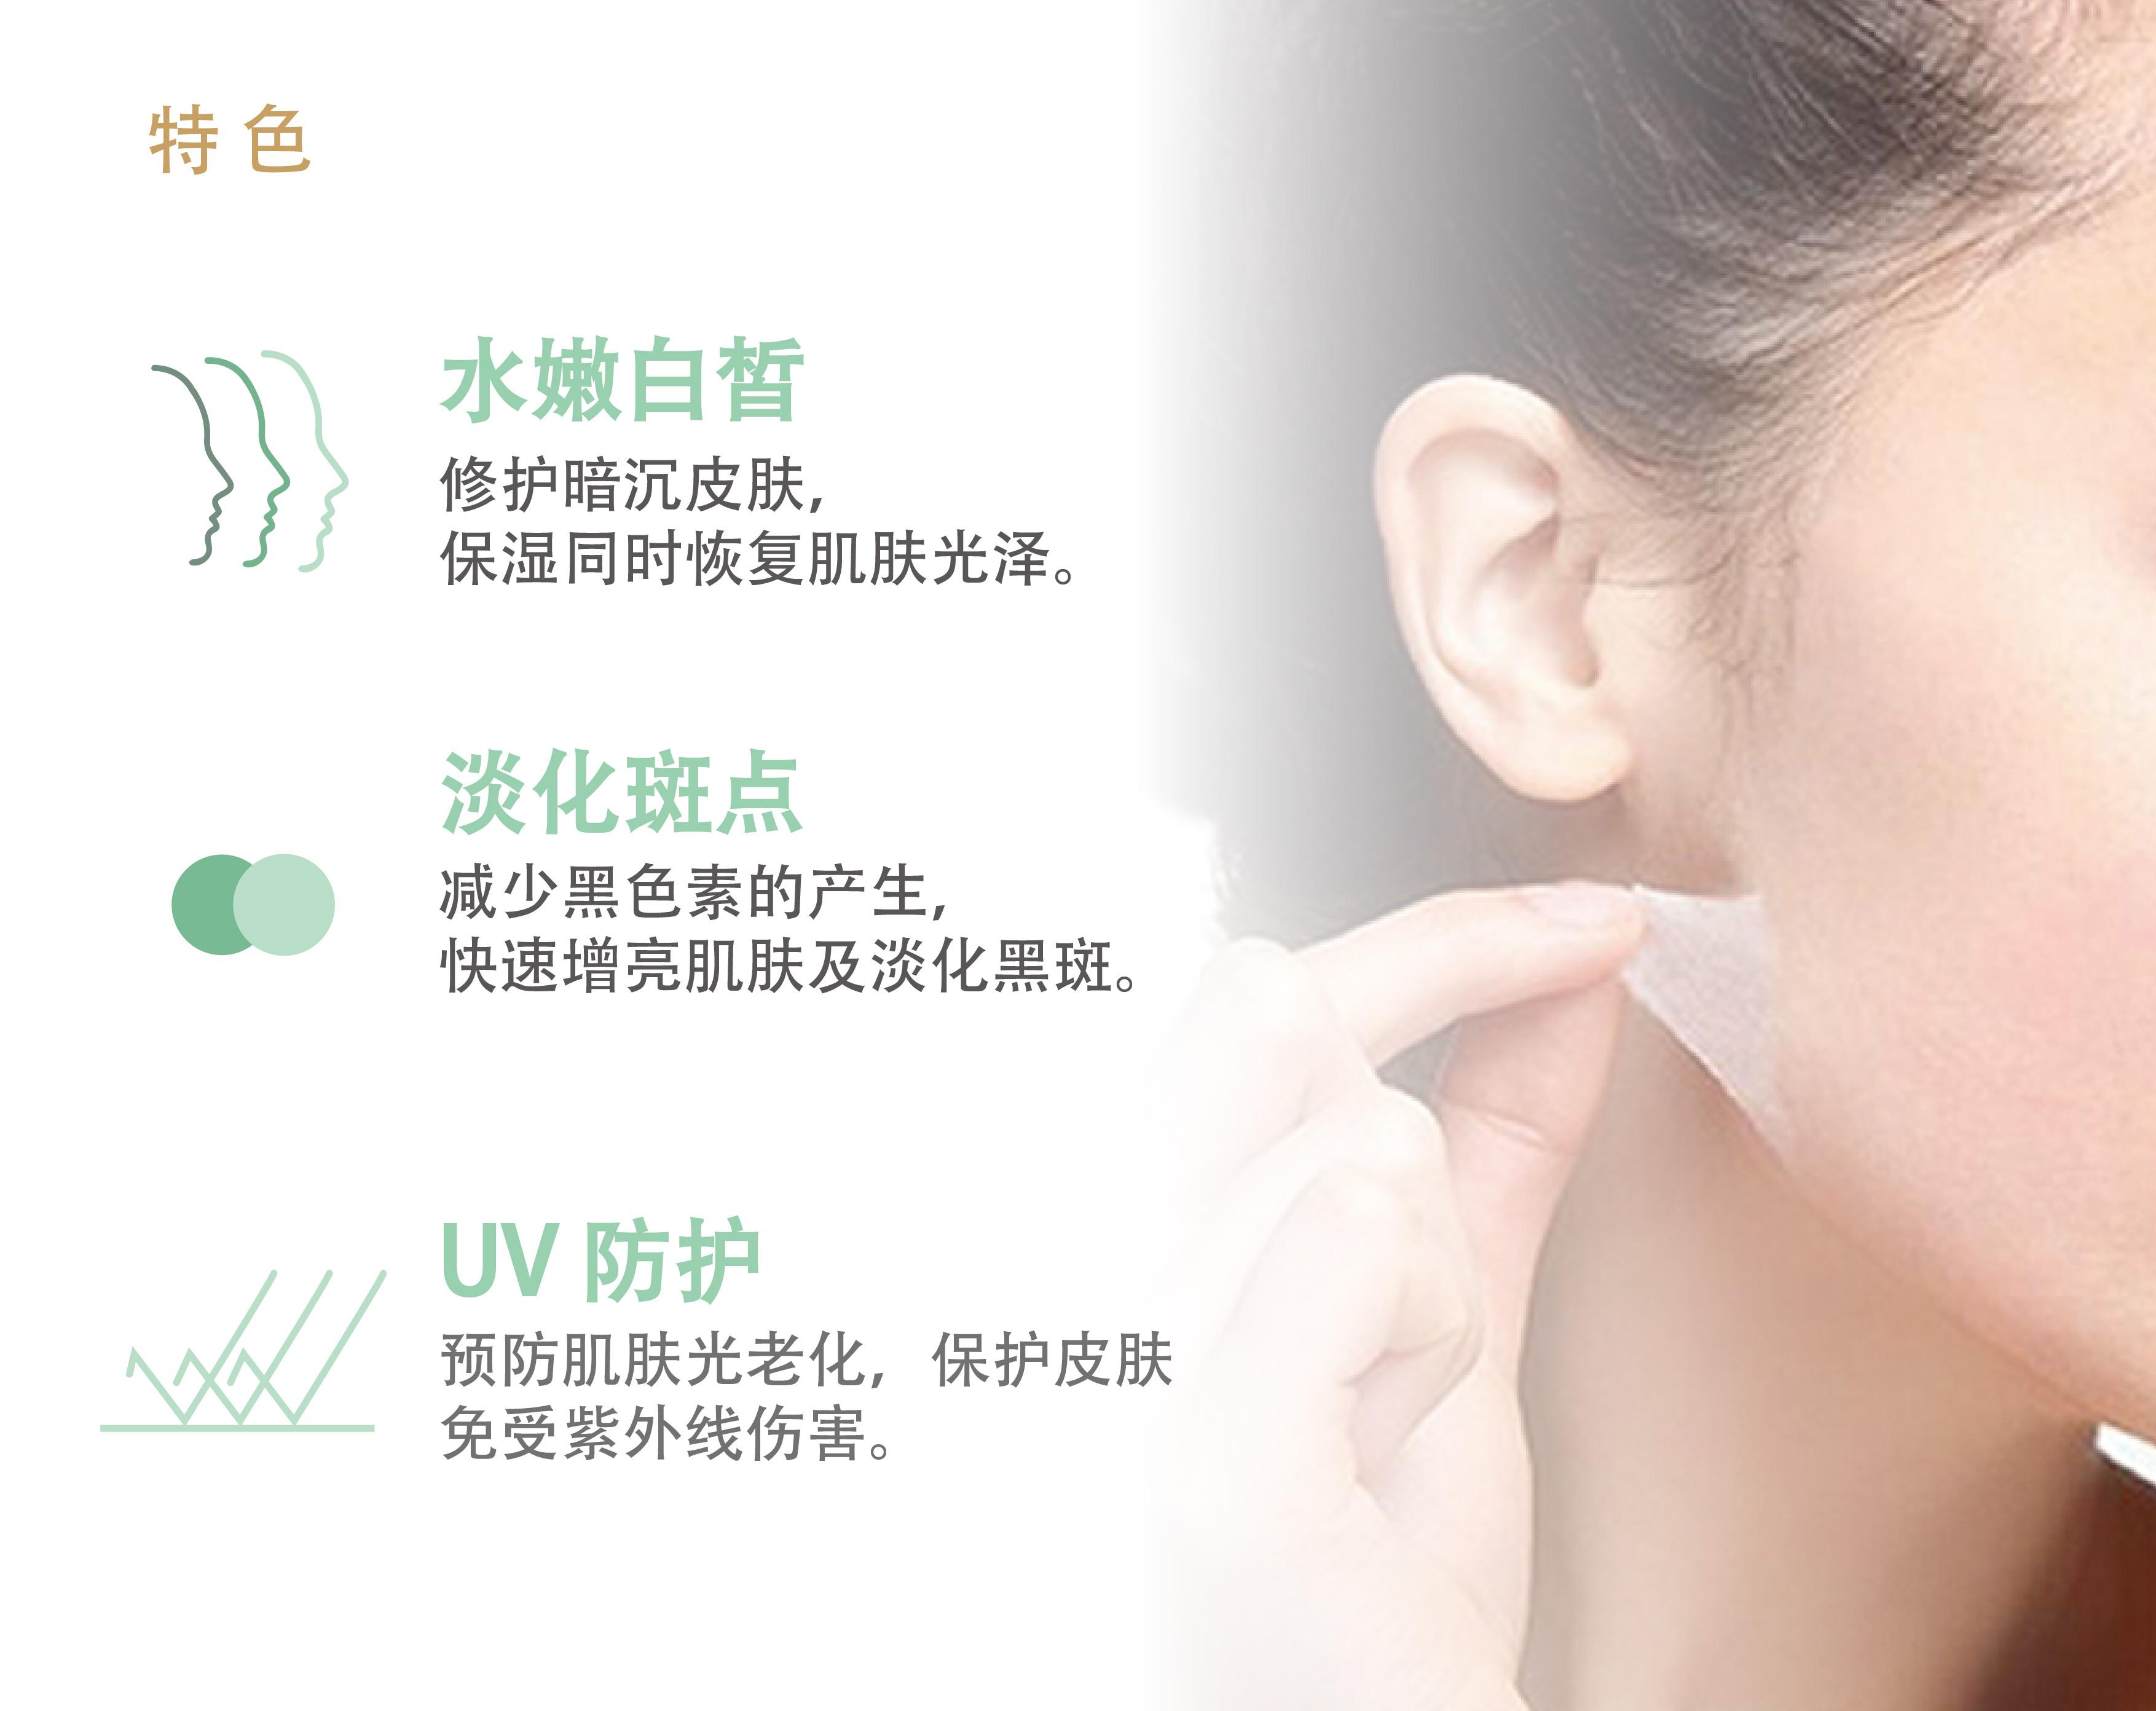 Hydrolyzed Silk Protein Facial Mask-zh-02.jpg